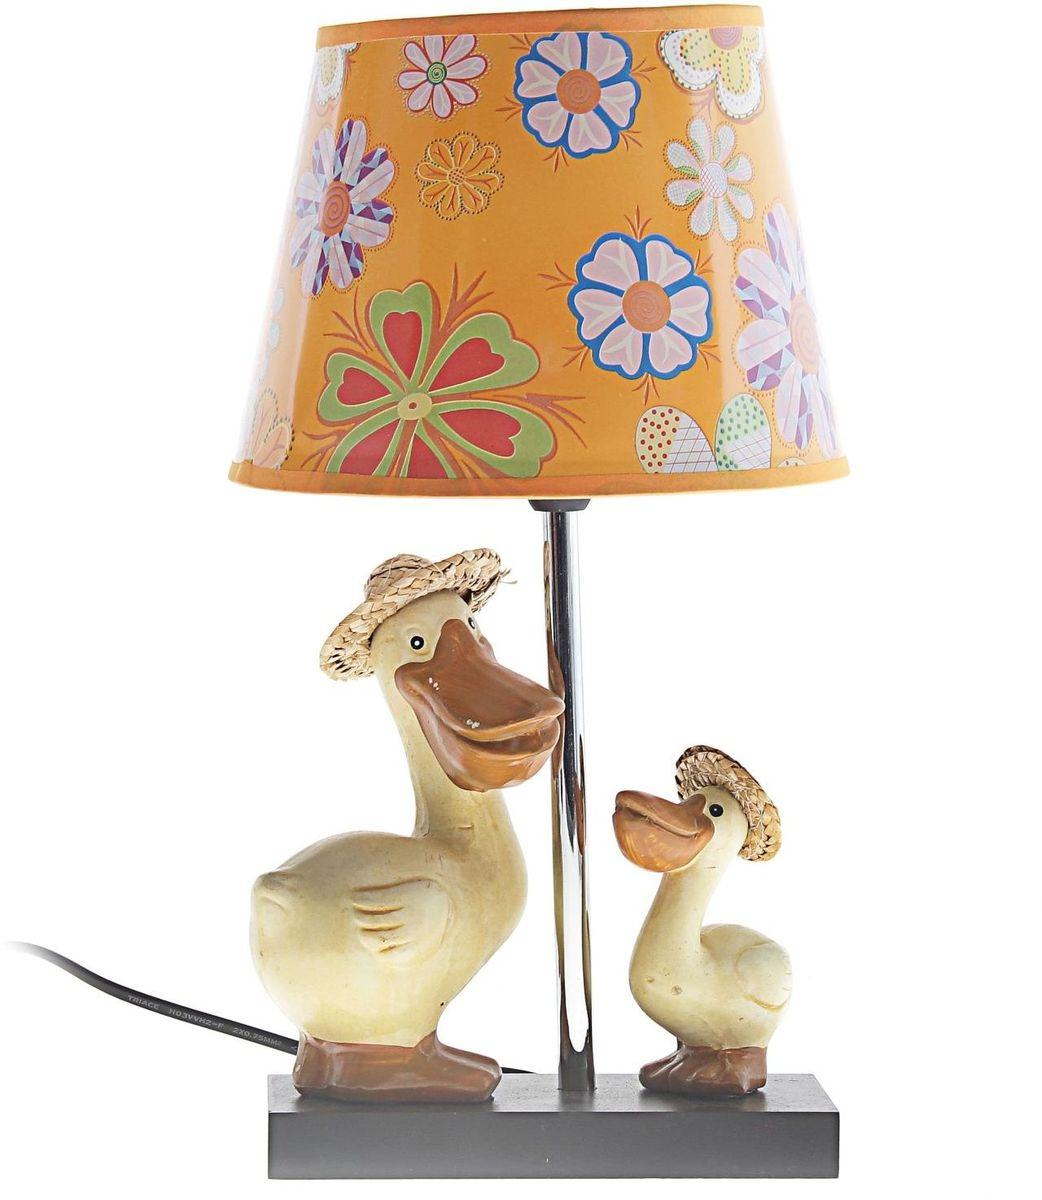 Лампа настольная Два утенка147809Детям веселей, когда их окружают яркие вещицы. Поэтому стоит продумать даже то, как будет выглядеть дополнительный источник света в комнате вашего малыша. Чаще всего подобные светильники ставят на прикроватную тумбочку или письменный стол, чтобы в комнате не оставалось неосвещённого пространства.Чтобы не оставлять своего маленького шалуна в полной темноте, просто «зажгите» светильник детский белый, с ним будет спокойней и вам и ребёнку.*Размещайте провода и другие, не предназначенные для детских ручек детали, таким образом, чтобы ваш шалун до них не дотянулся.